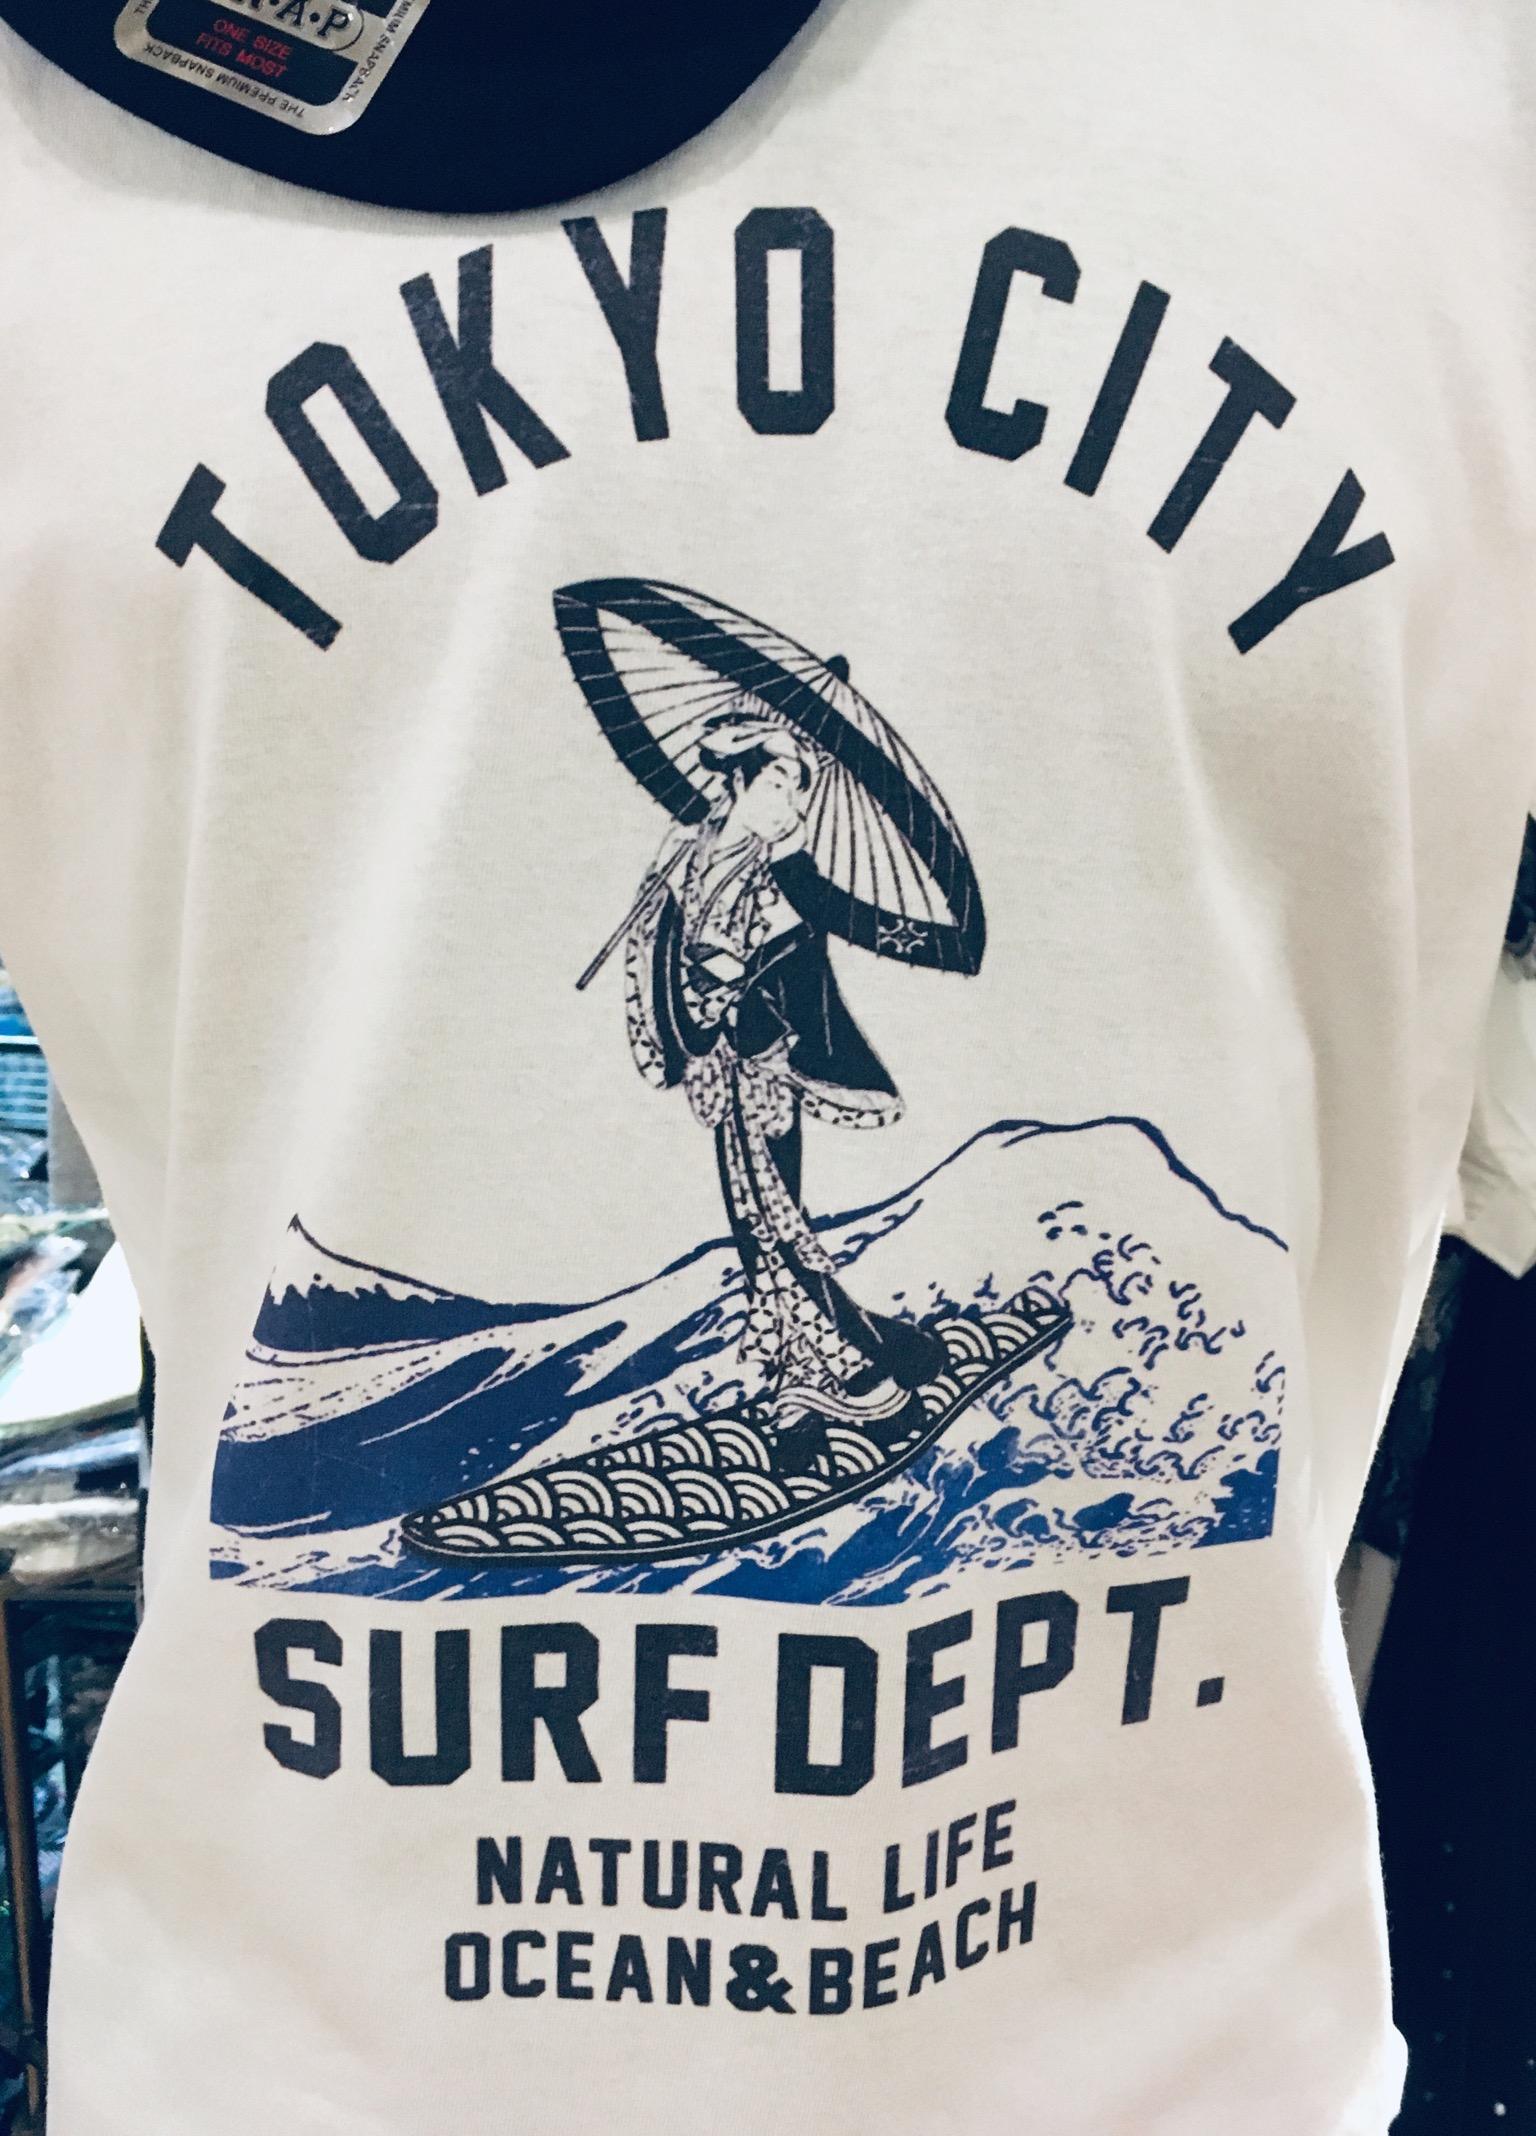 泥棒日記の新作Tシャツが切り込んできた(';')💦